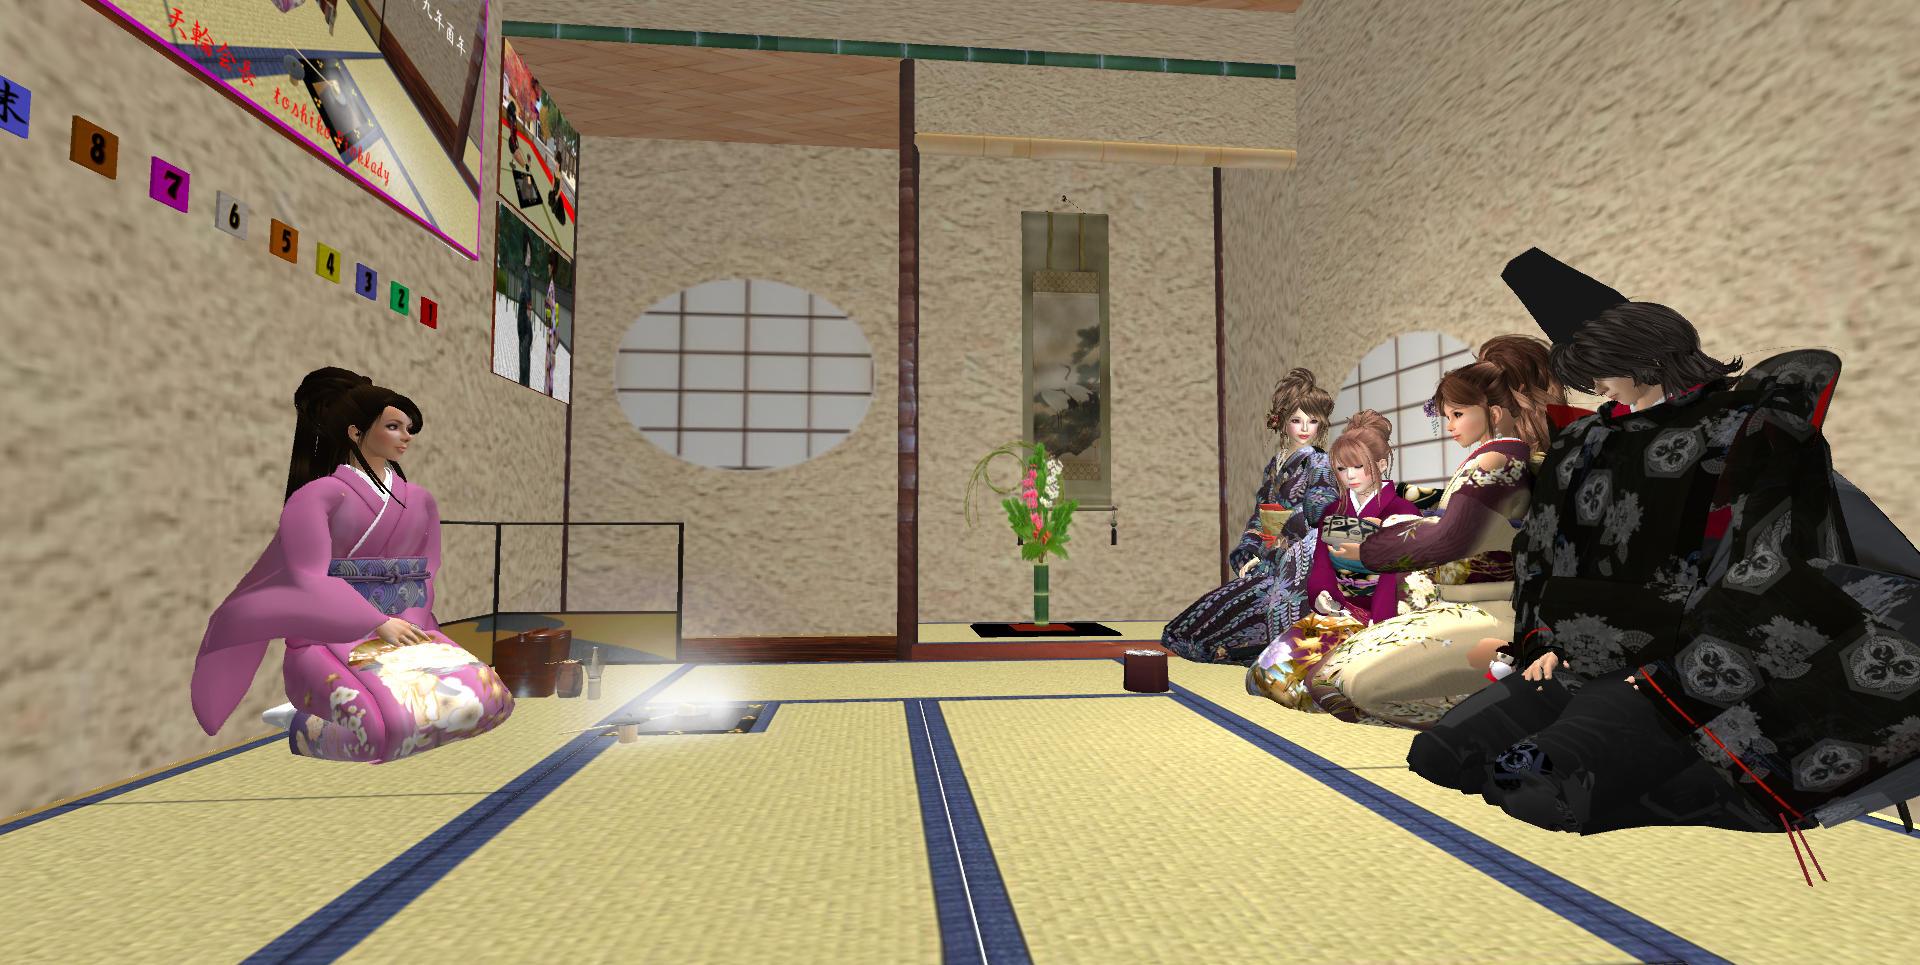 次客のReikoさんから三客のLanaさんに濃茶を手渡し